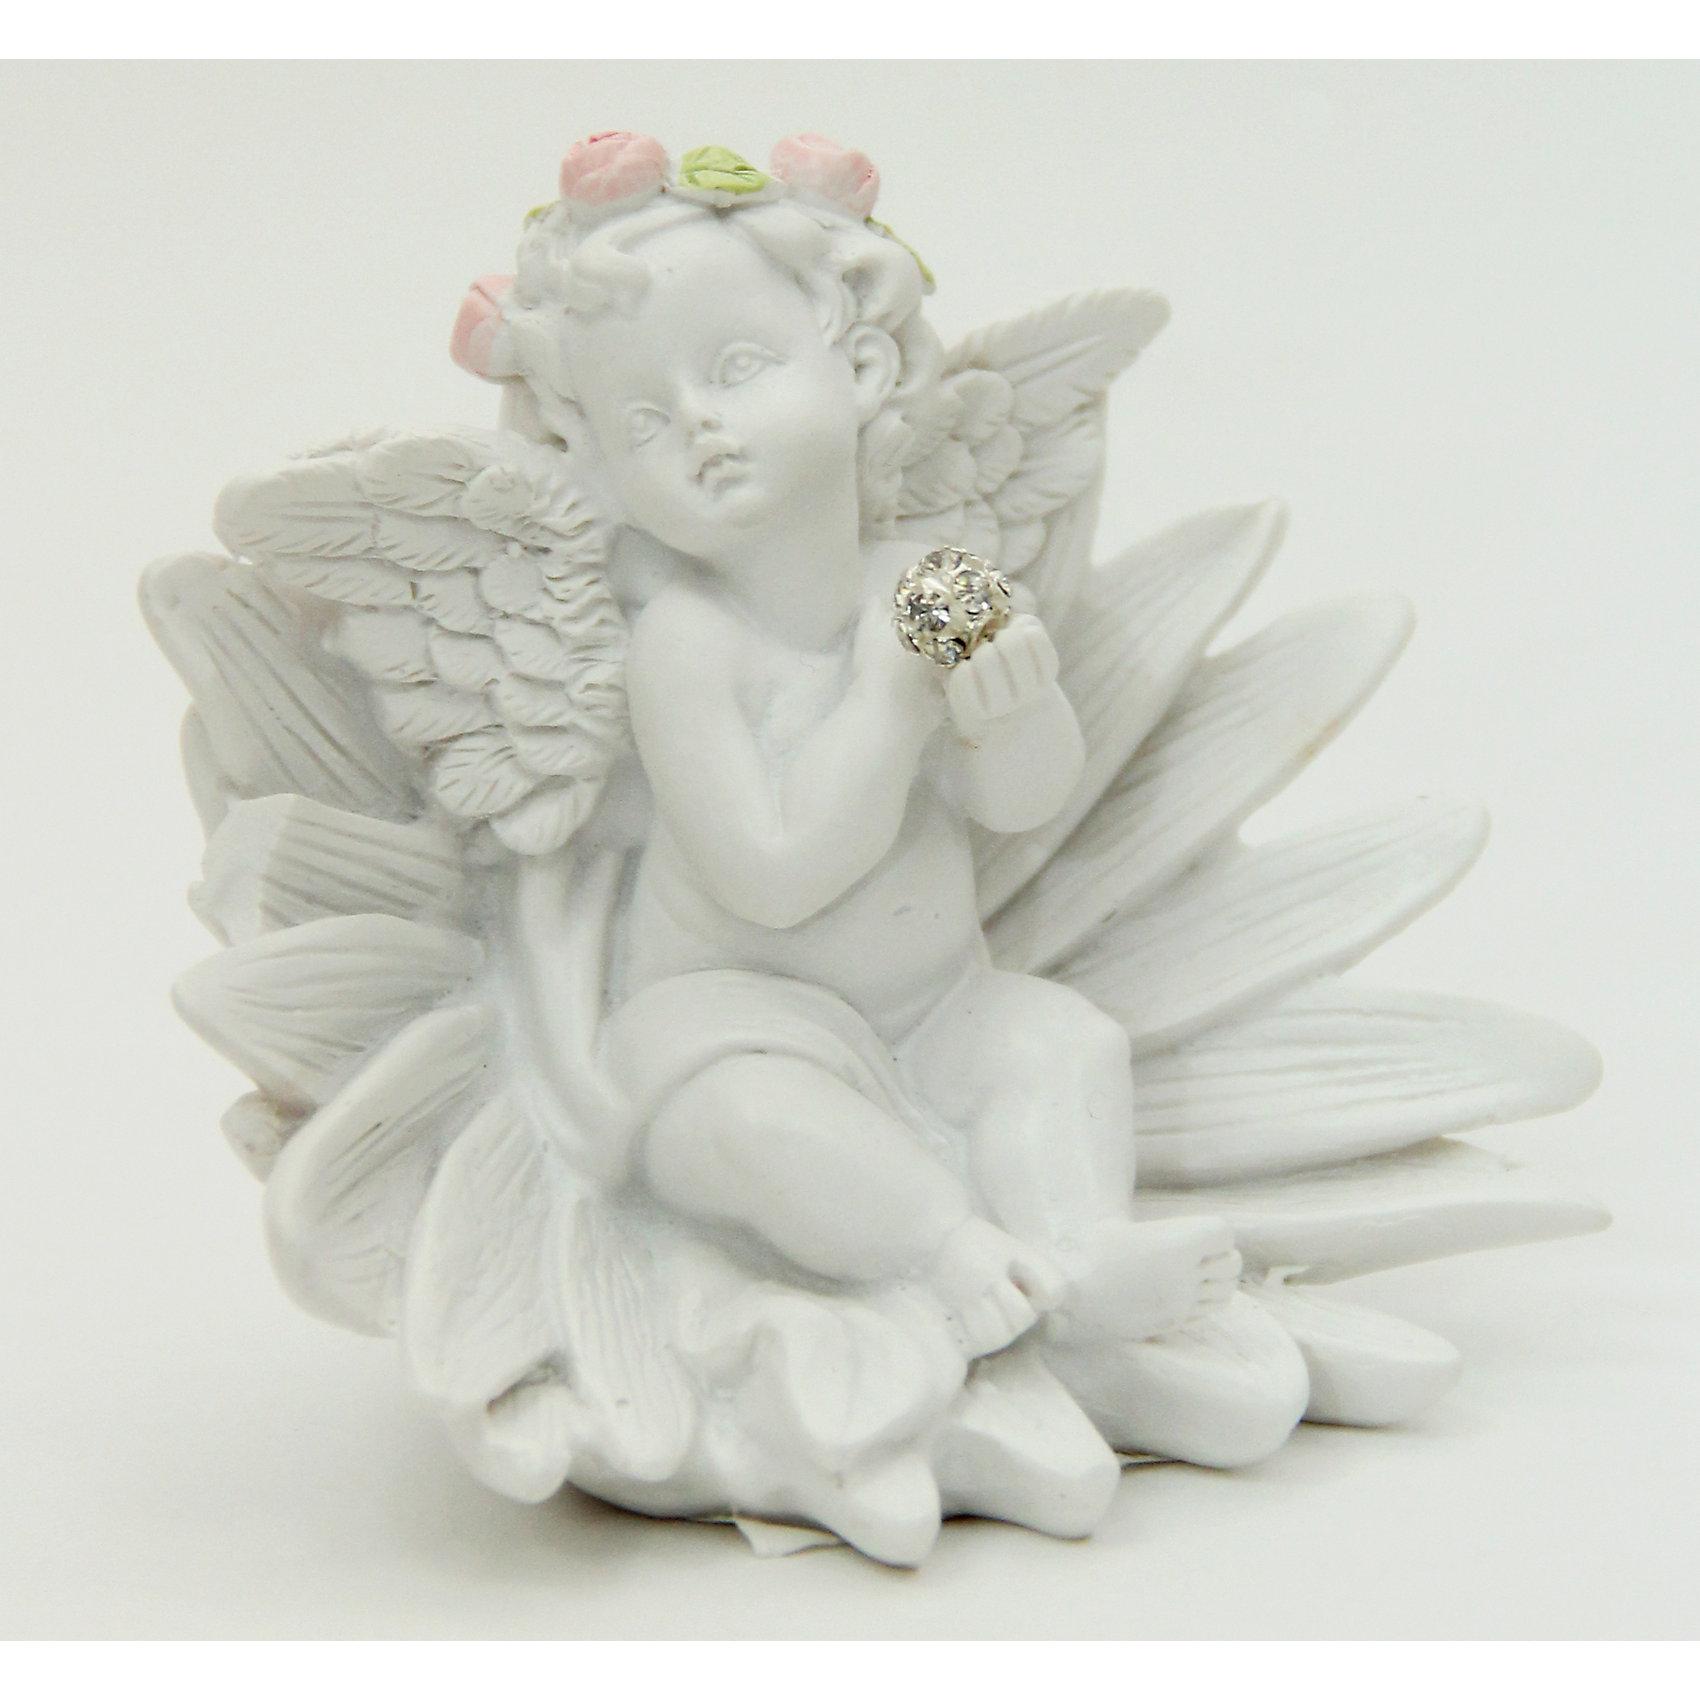 Фигурка Цветочный ангел 8*5,9*6,8 смДекоративная фигурка в виде очаровательного задумчивого ангела, сидящего на цветке, станет отличным памятным сувениром на любой праздник. <br><br>Дополнительная информация:<br><br>- Материал: полирезина.<br>- Размер: 8х5,9х6,8 см. <br>- Цвет: белый. <br><br>Фигурку Цветочный ангел 8х5,9х6,8 см можно купить в нашем магазине.<br><br>Ширина мм: 80<br>Глубина мм: 59<br>Высота мм: 68<br>Вес г: 90<br>Возраст от месяцев: 36<br>Возраст до месяцев: 2147483647<br>Пол: Женский<br>Возраст: Детский<br>SKU: 4560529